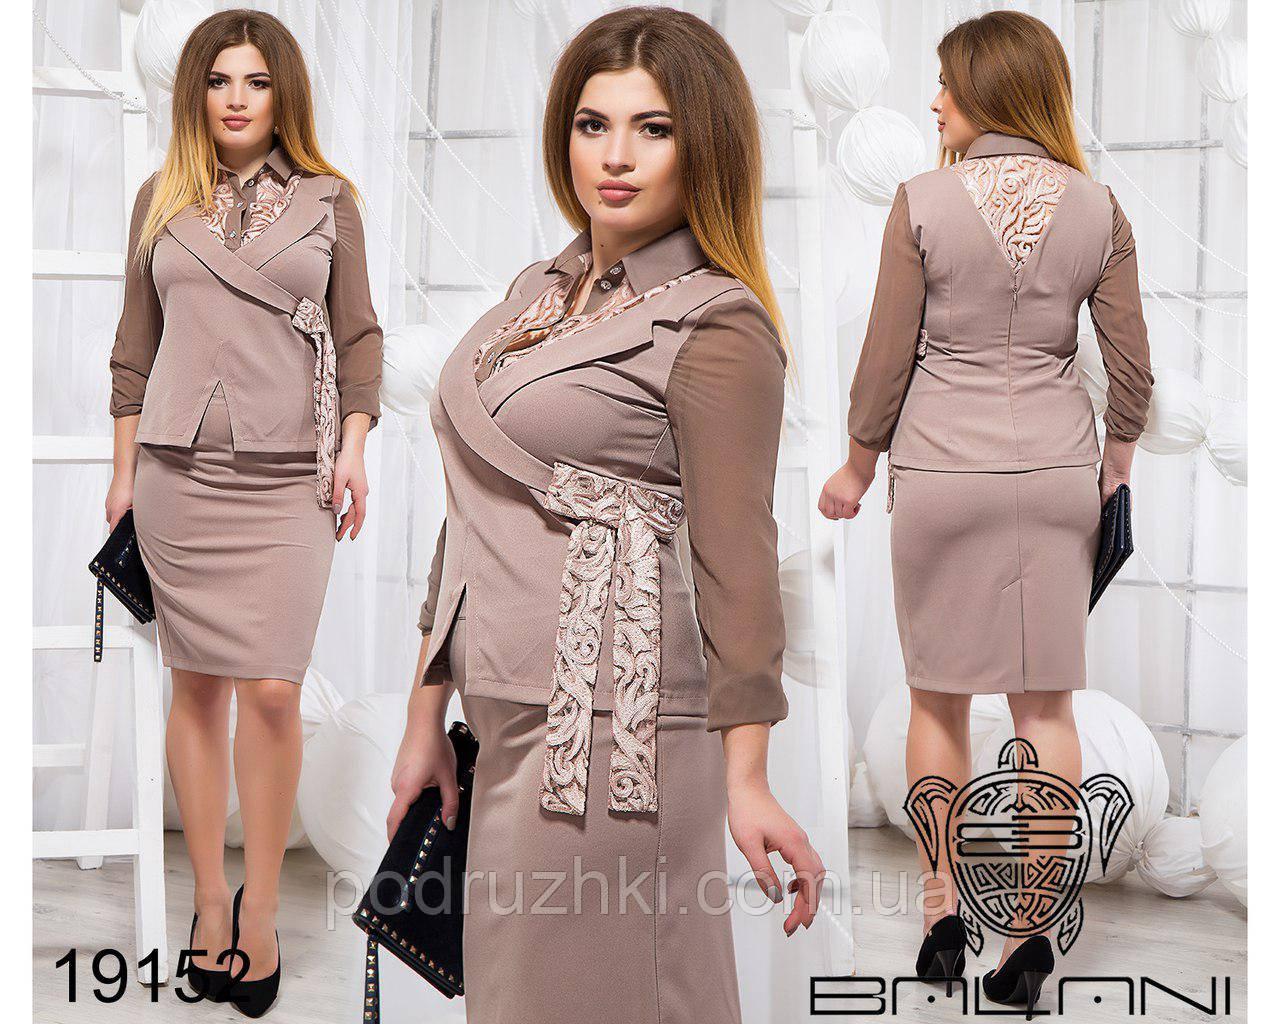 3c3d0a798a8 Оригинальный женский костюм юбка и пиджак (расцветки) - Интернет-магазин